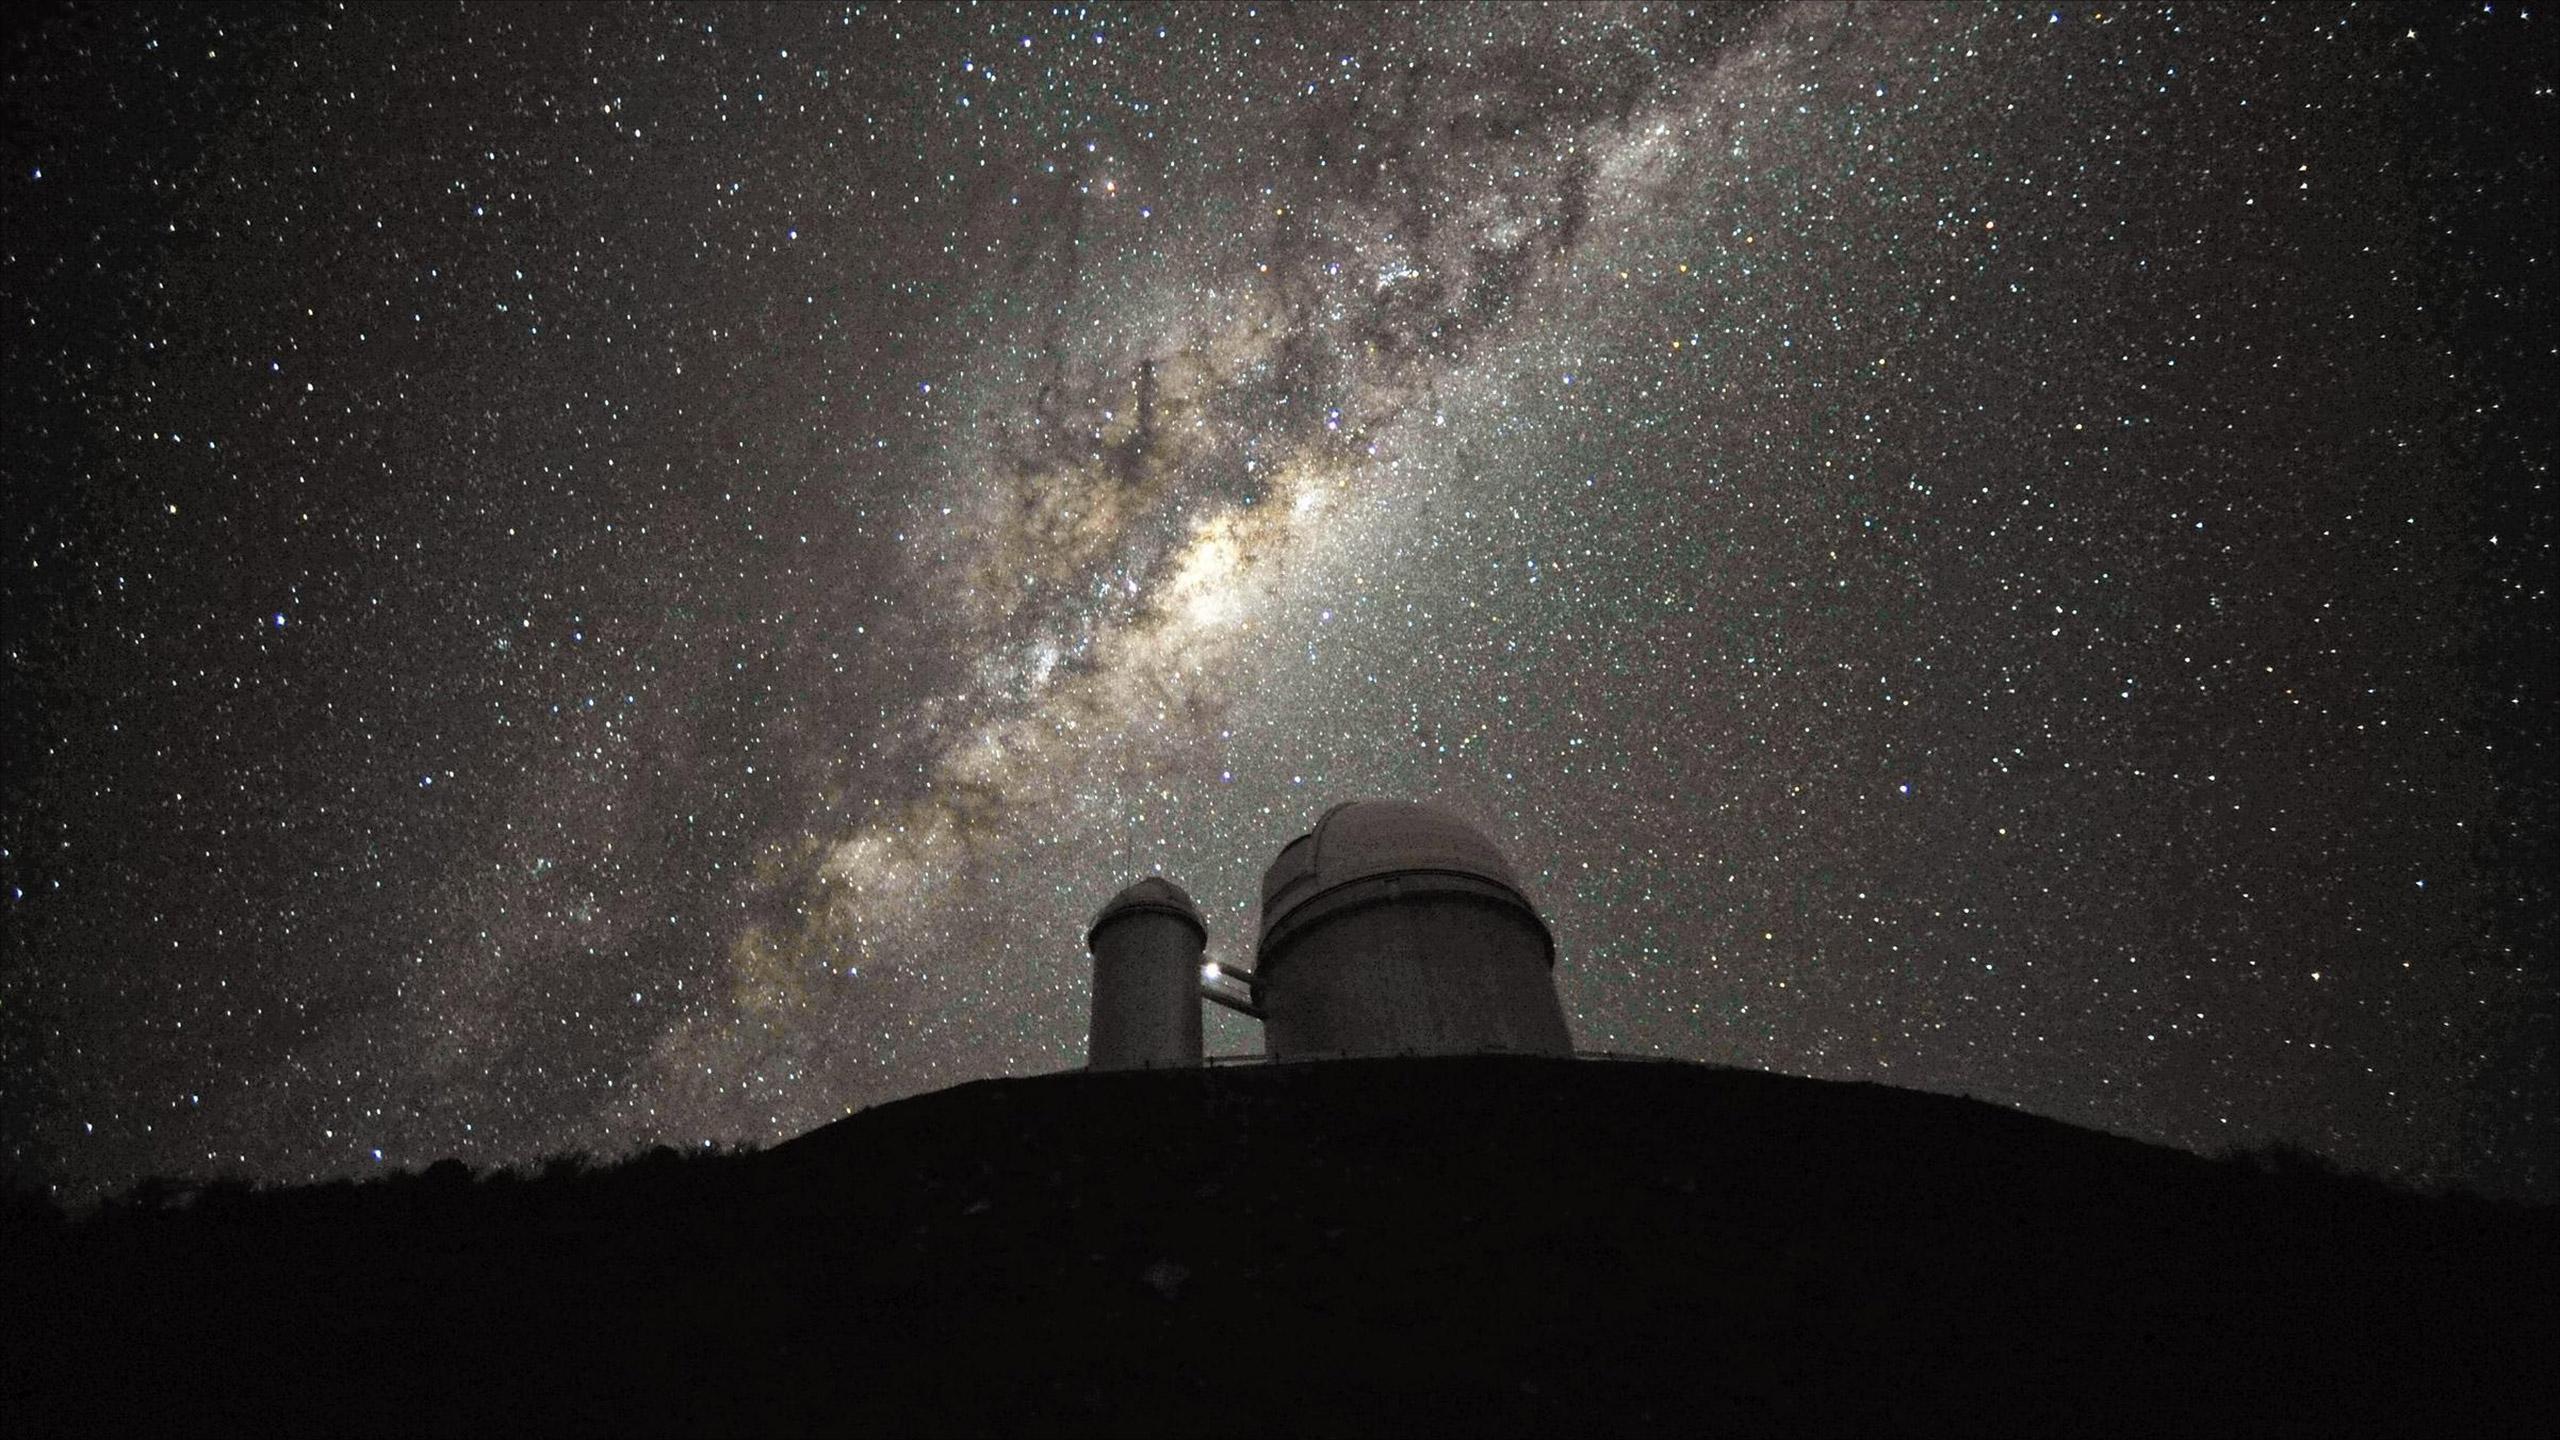 احتمال تواجد حضارات متقدمة في خمسين مجرة